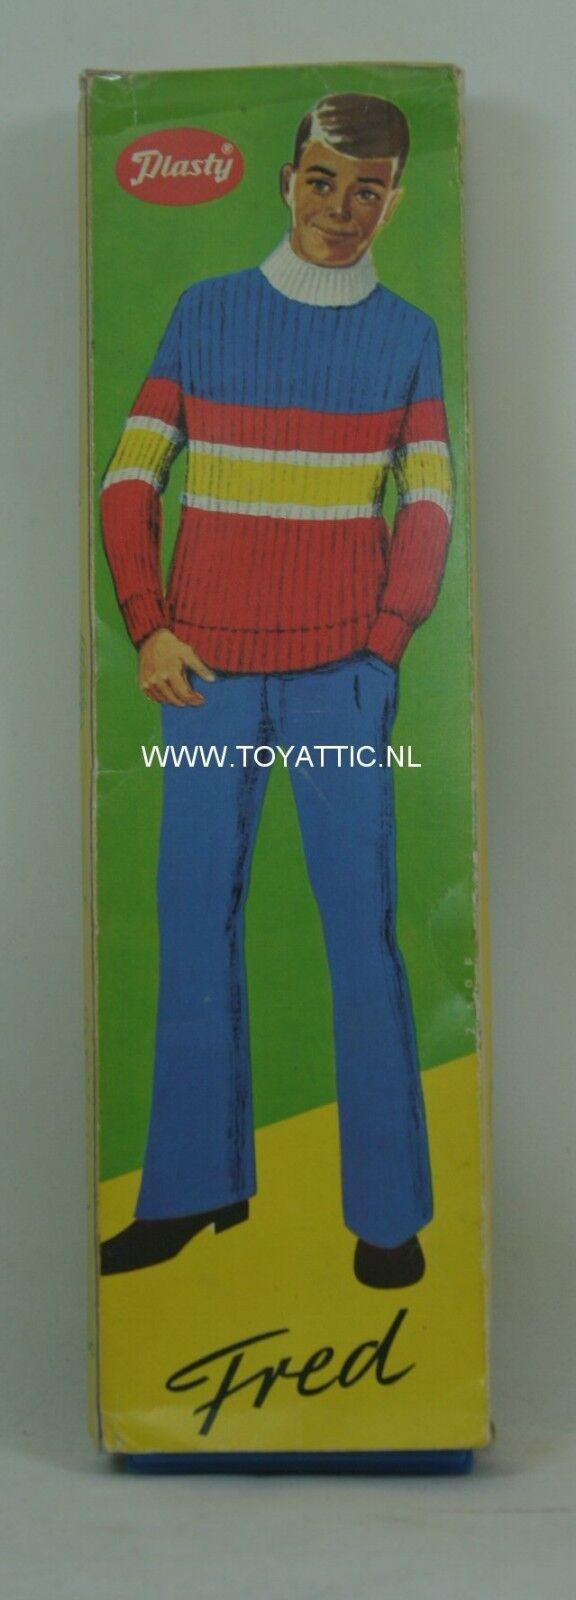 Frojo (Ken Tamaño) Clon Muñeca por Plasty set vintage de 'años 60 en Caja Original